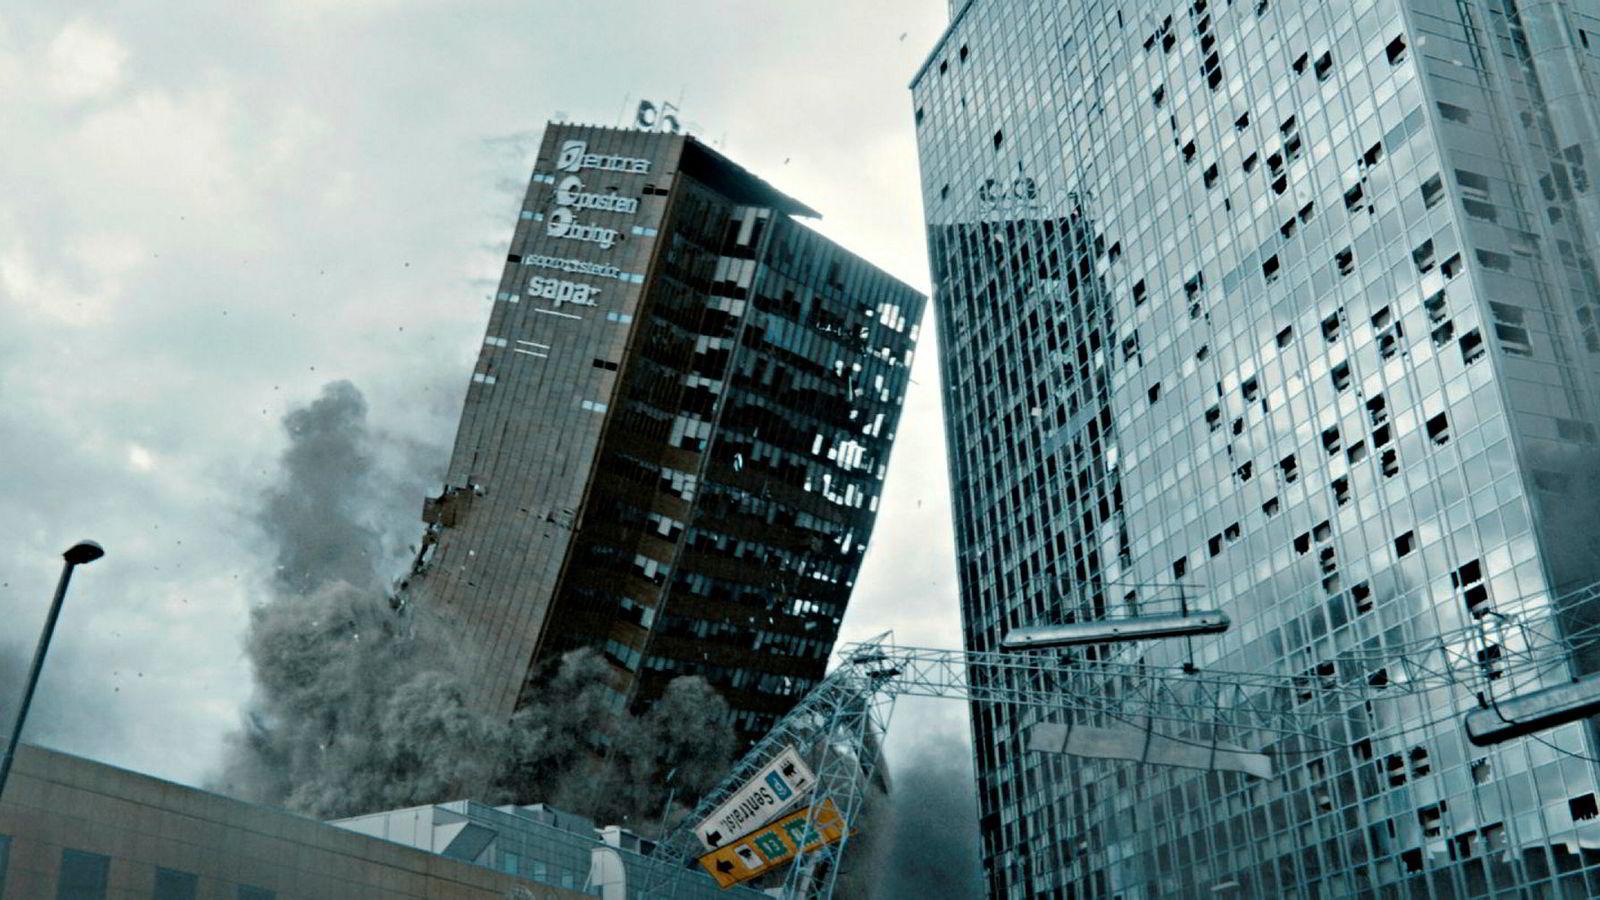 «Skjelvet» byr på et Oslo sentrum slik man aldri har sett det, og forhåpentlig kommer til slippe å se. Skjønt hvem vet.